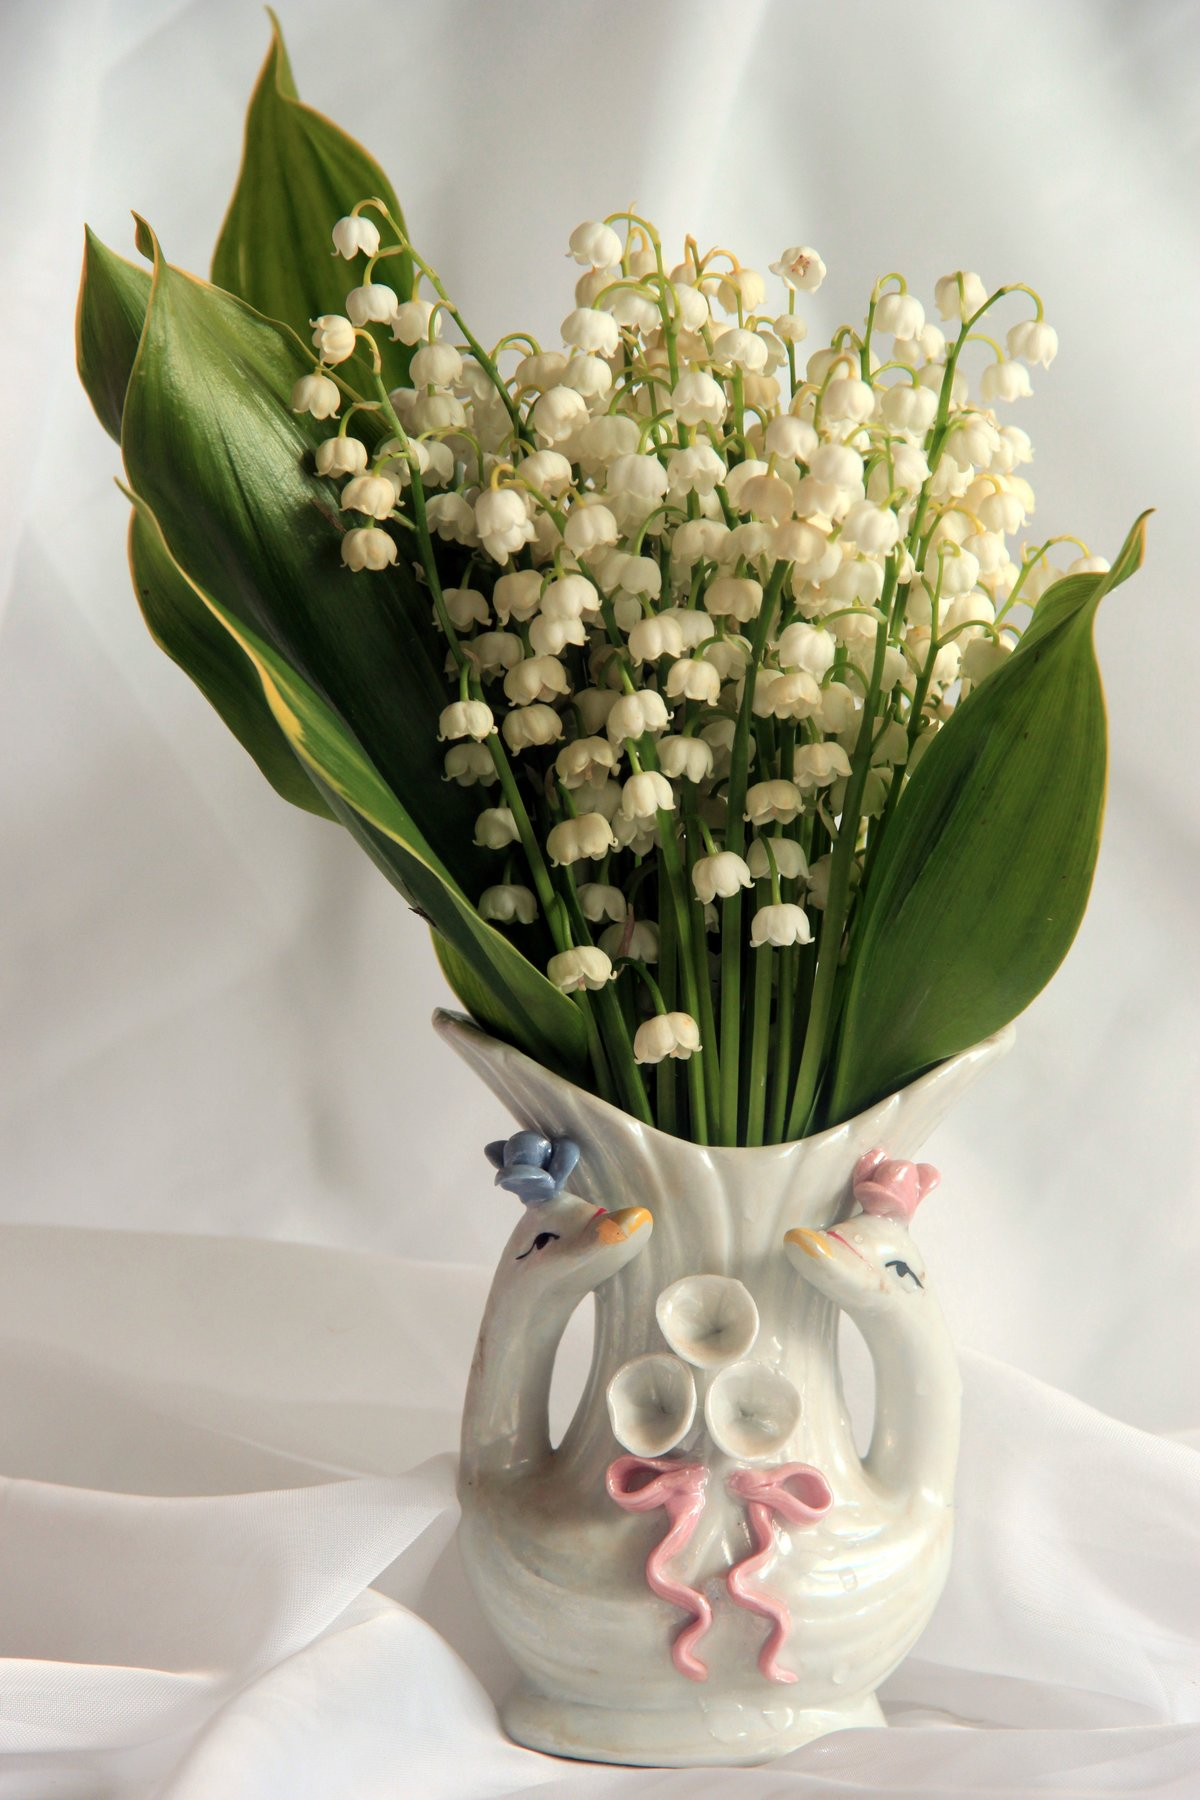 трубе картинка цветы ландыши нарциссы лилии розы отличаются